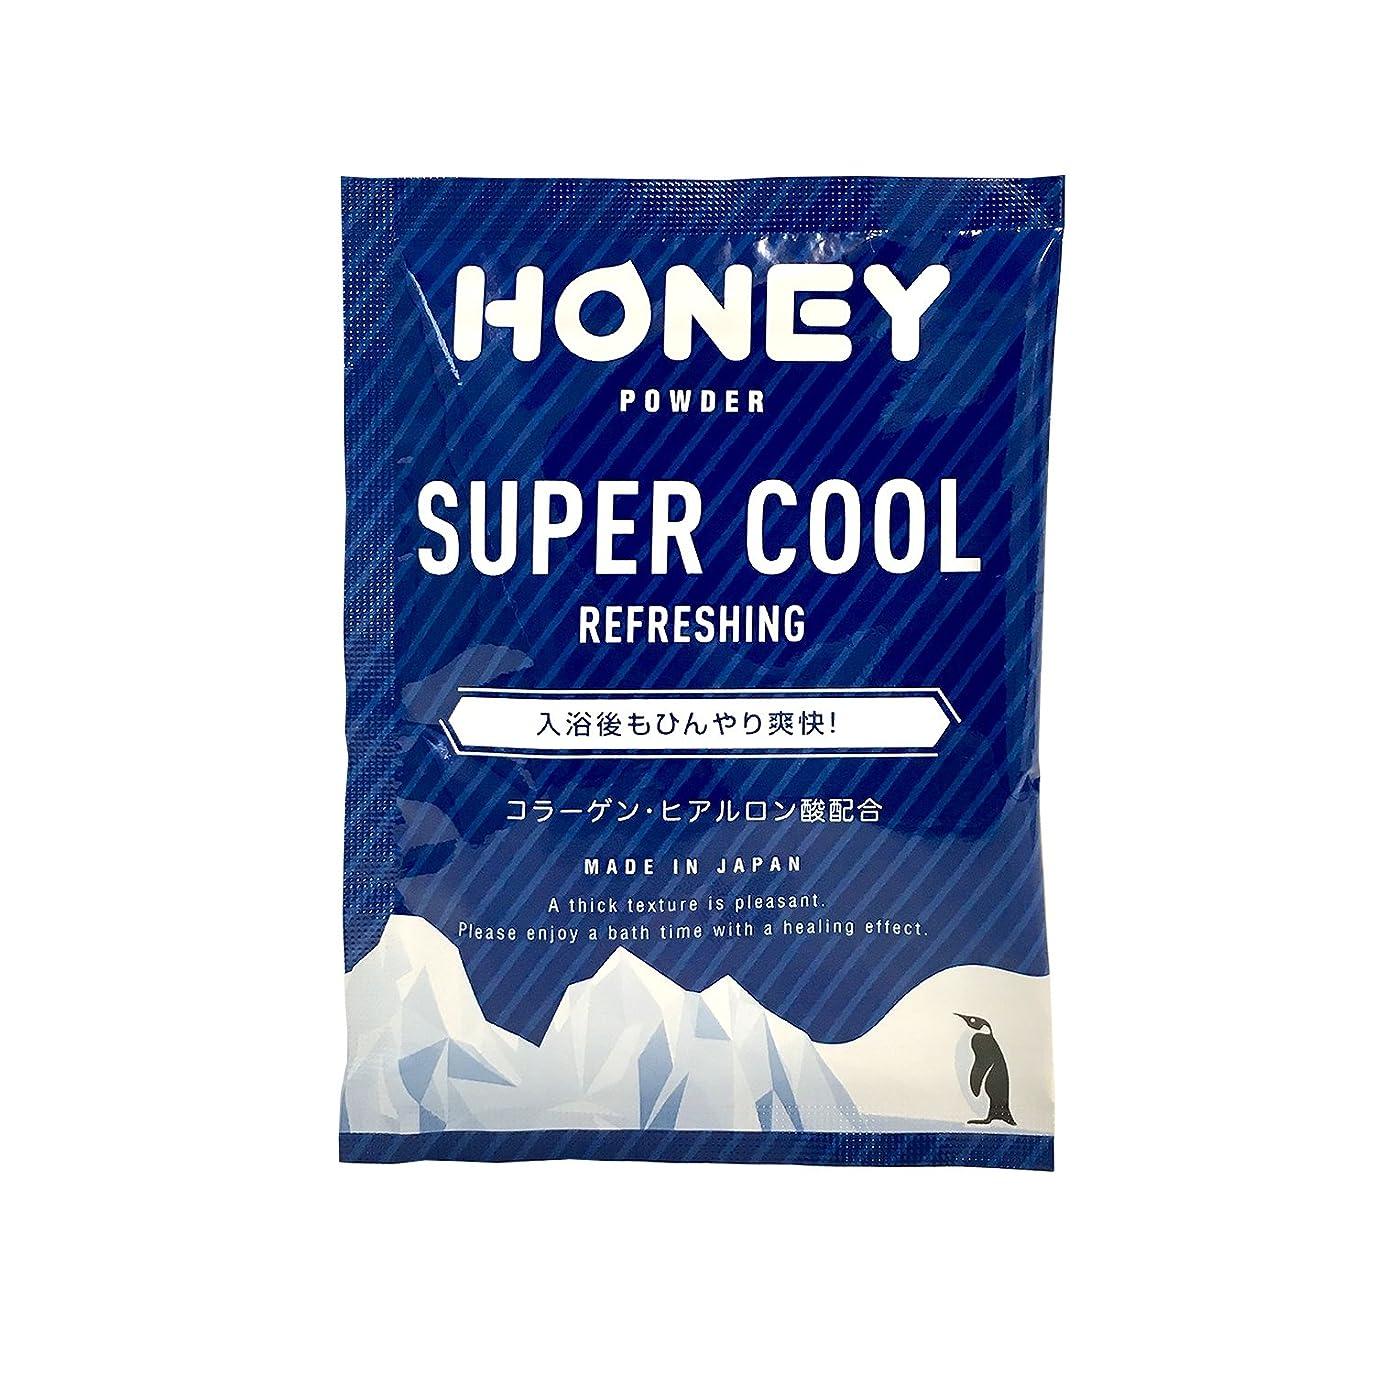 植物学者コールド毎日とろとろ入浴剤【honey powder】(ハニーパウダー) スーパークール 粉末タイプ ローション